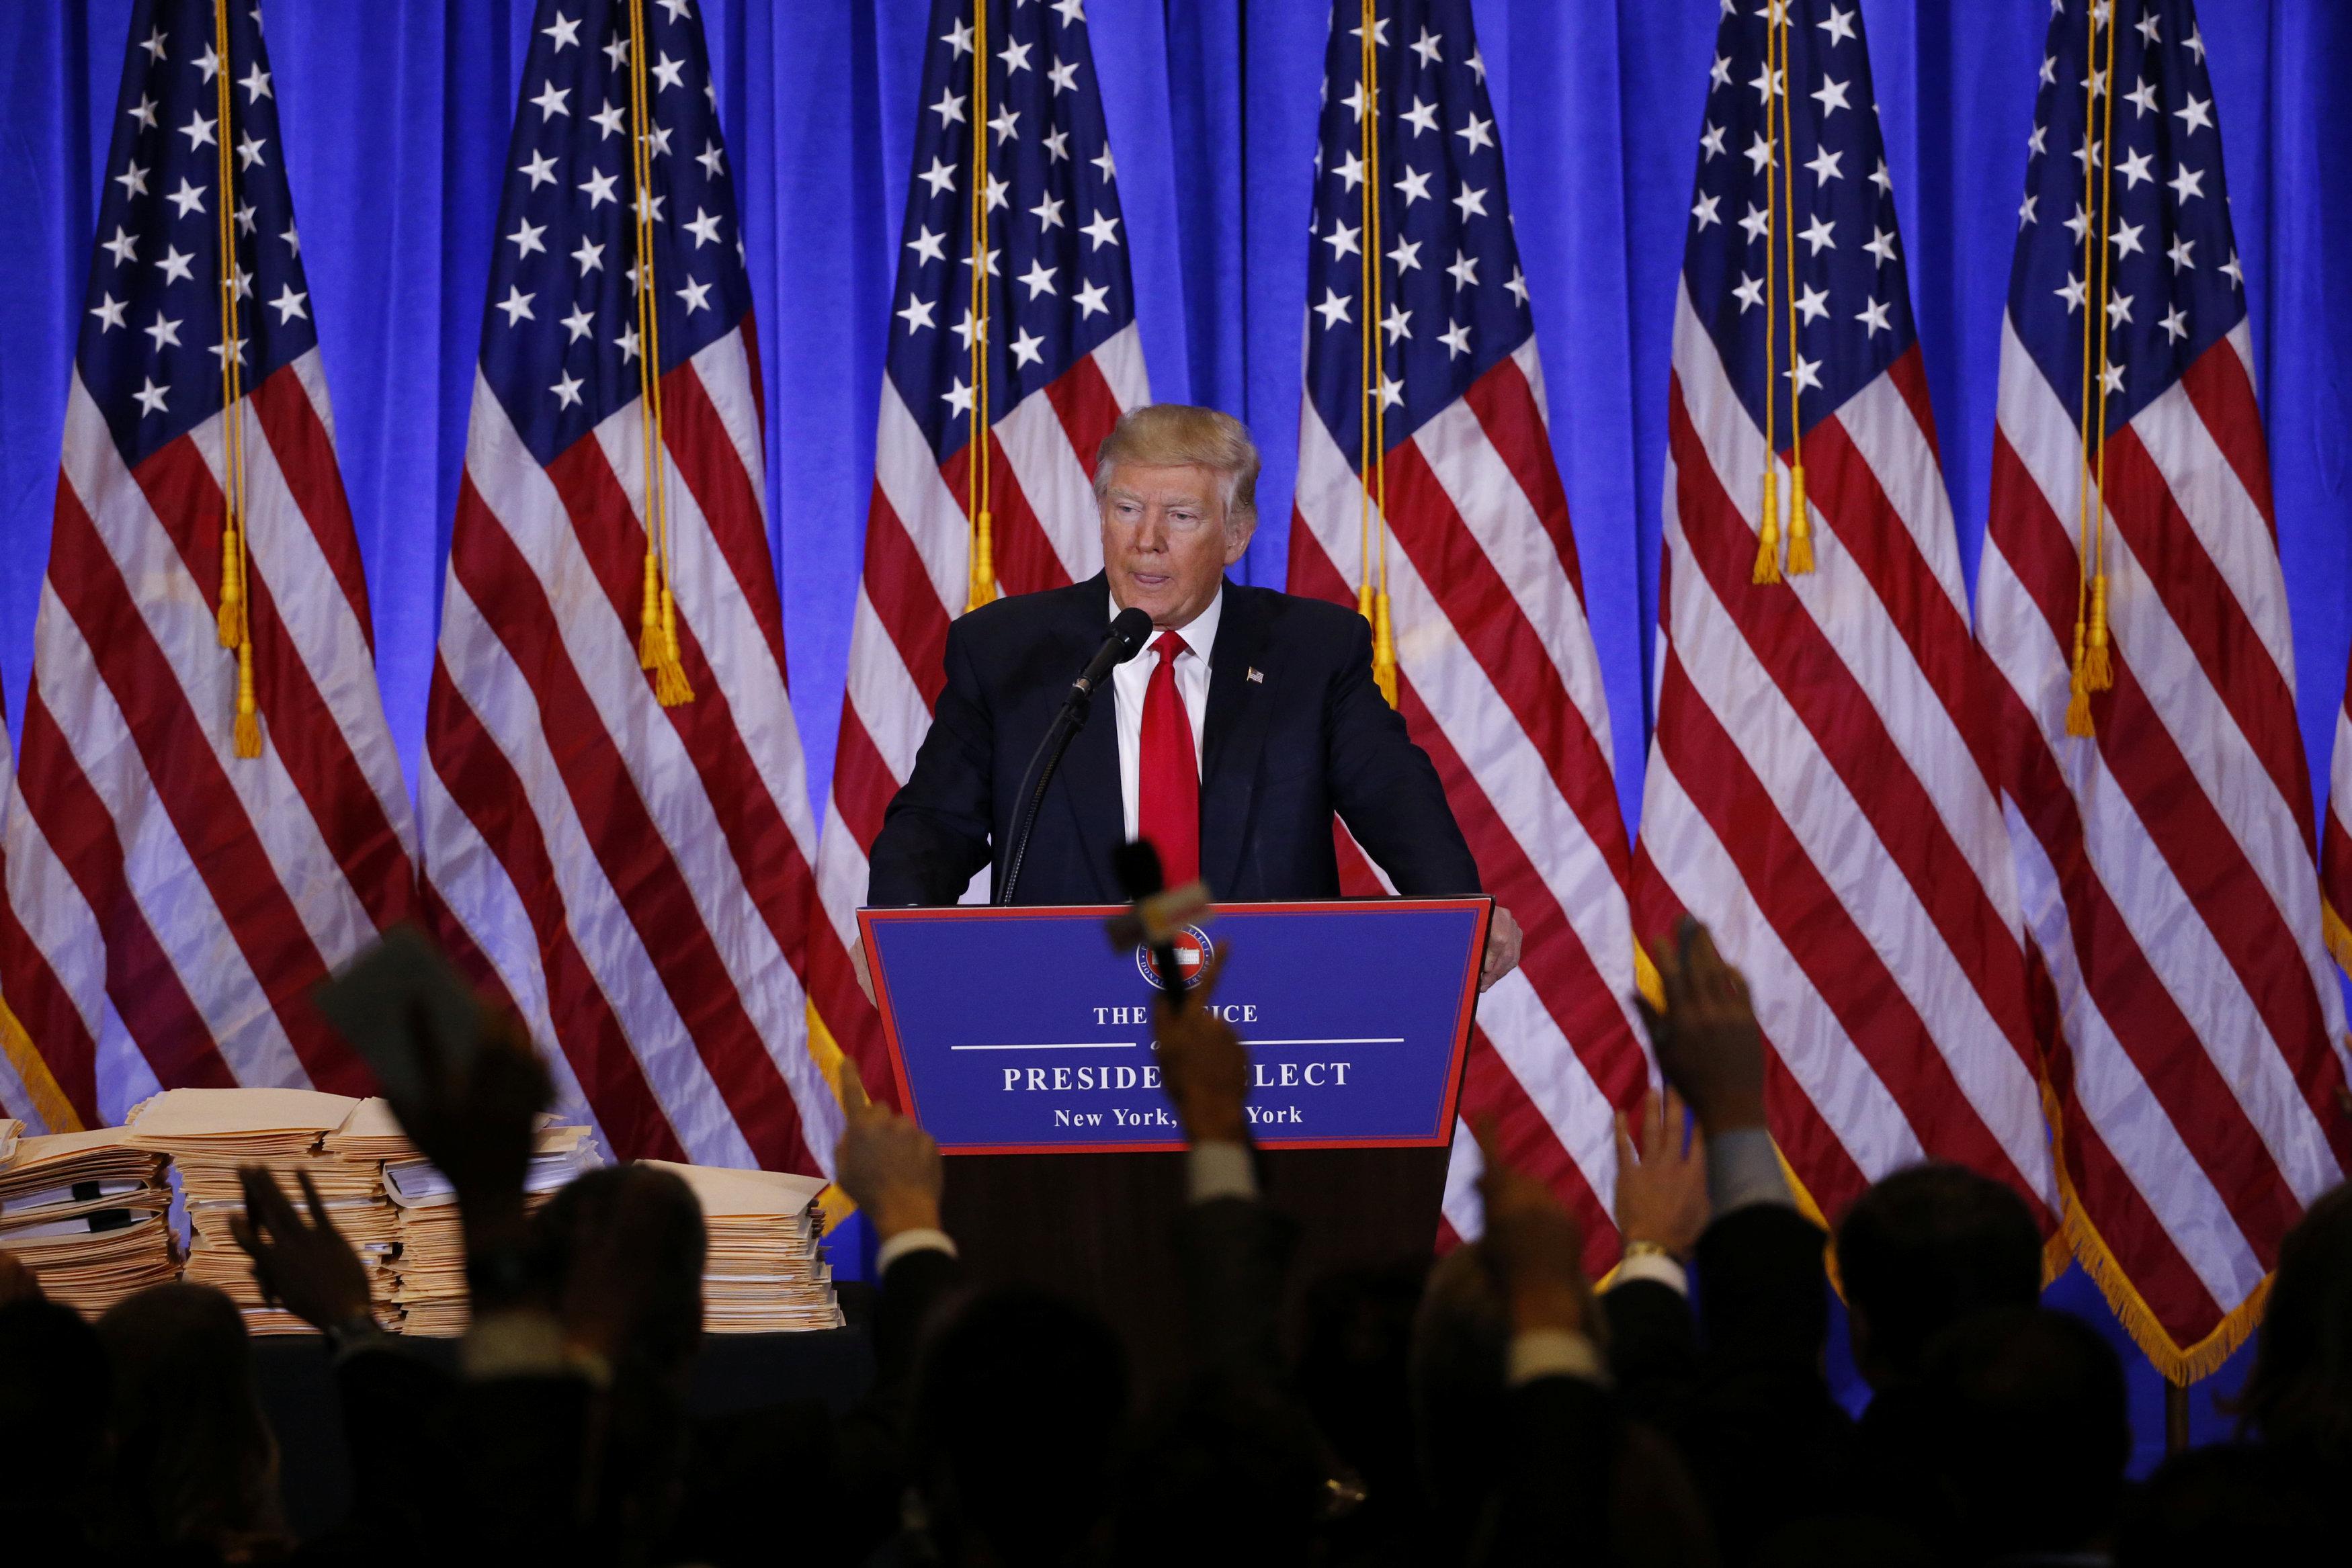 الرئيس الأمريكى المنتخب دونالد ترامب يعقد مؤتمرا صحفيا قبل تنصيبه فى 20 يناير